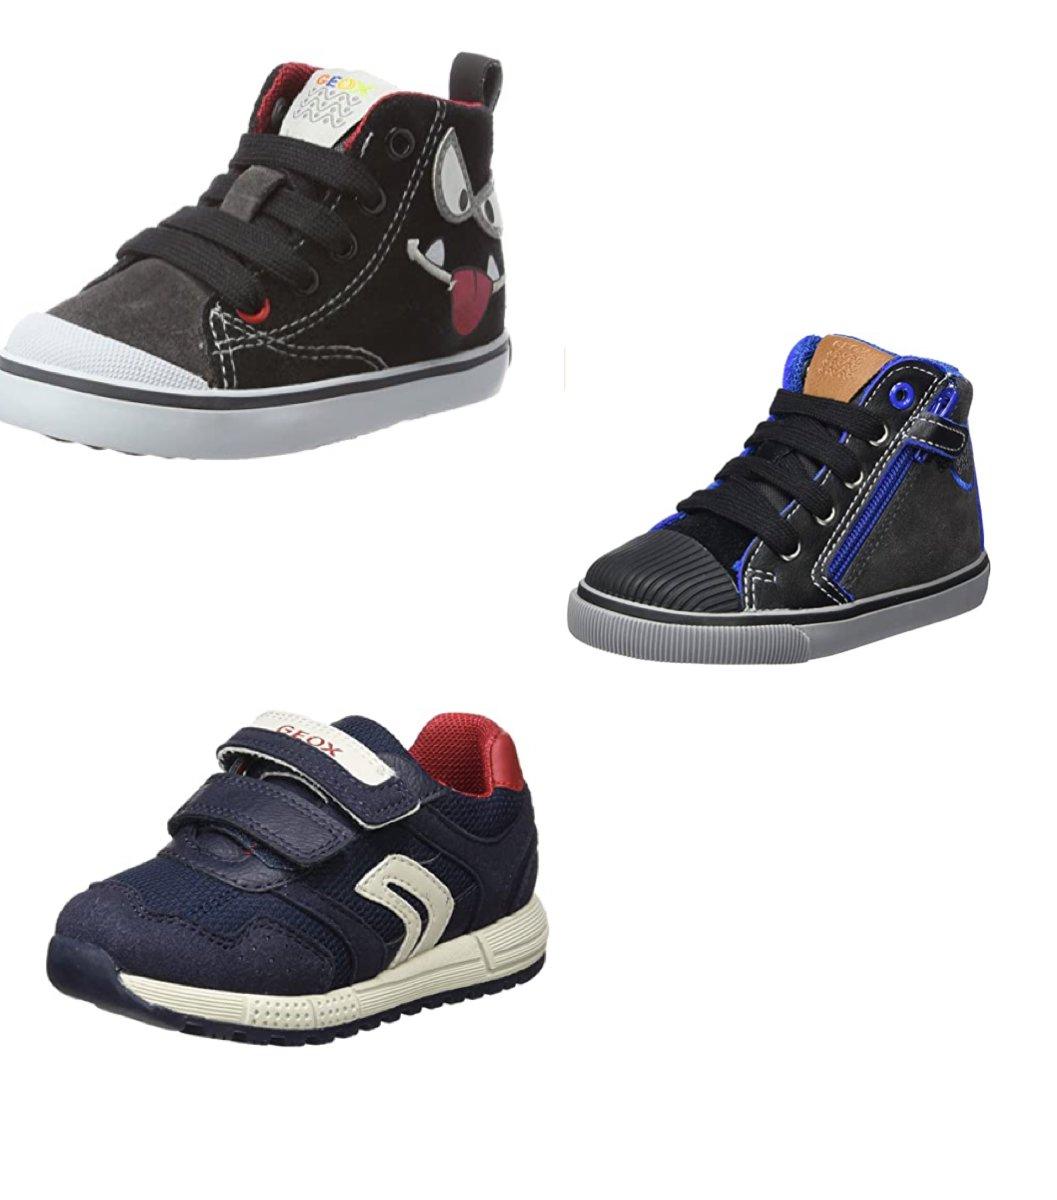 Verschillende geox schoenen kleine maatjes